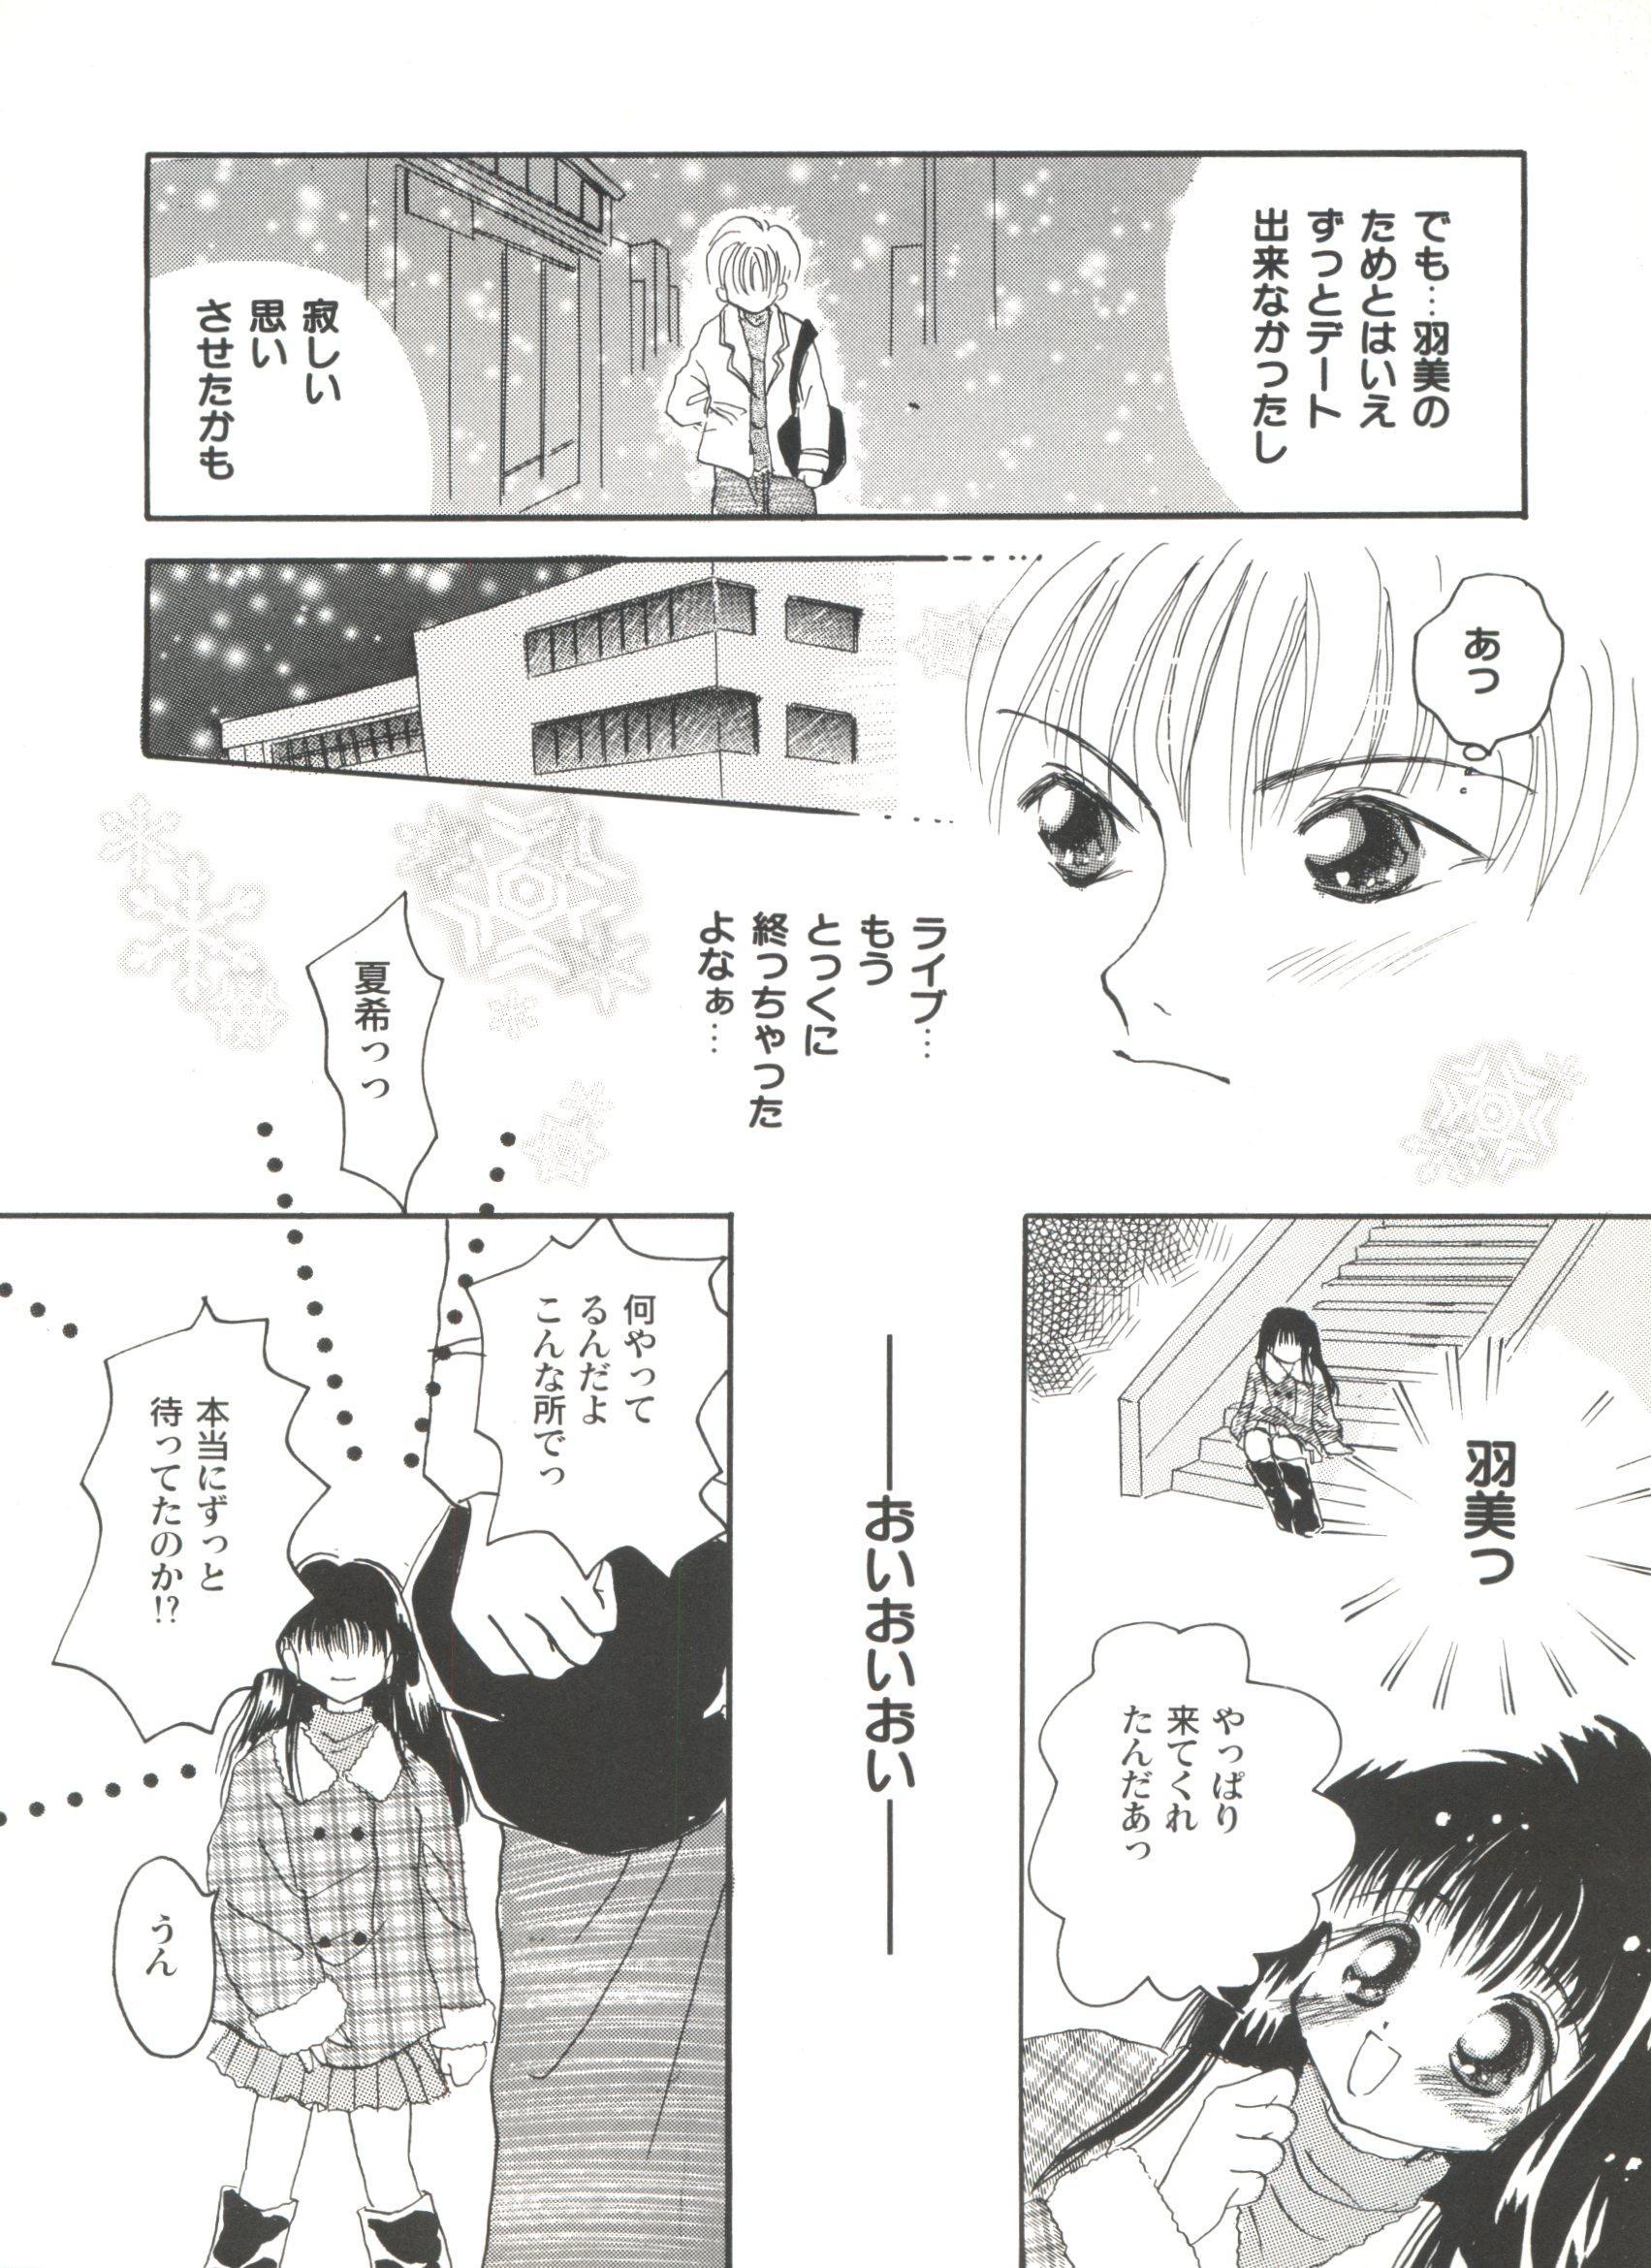 Bishoujo Doujinshi Anthology Cute 5 94